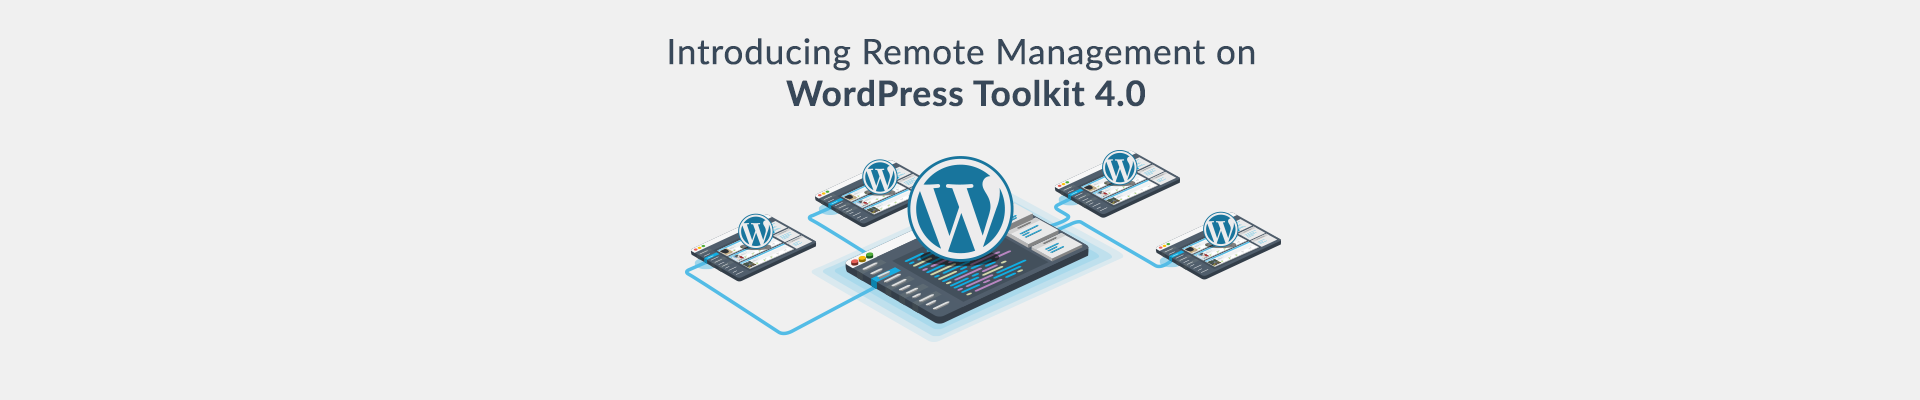 Remote WordPress Management